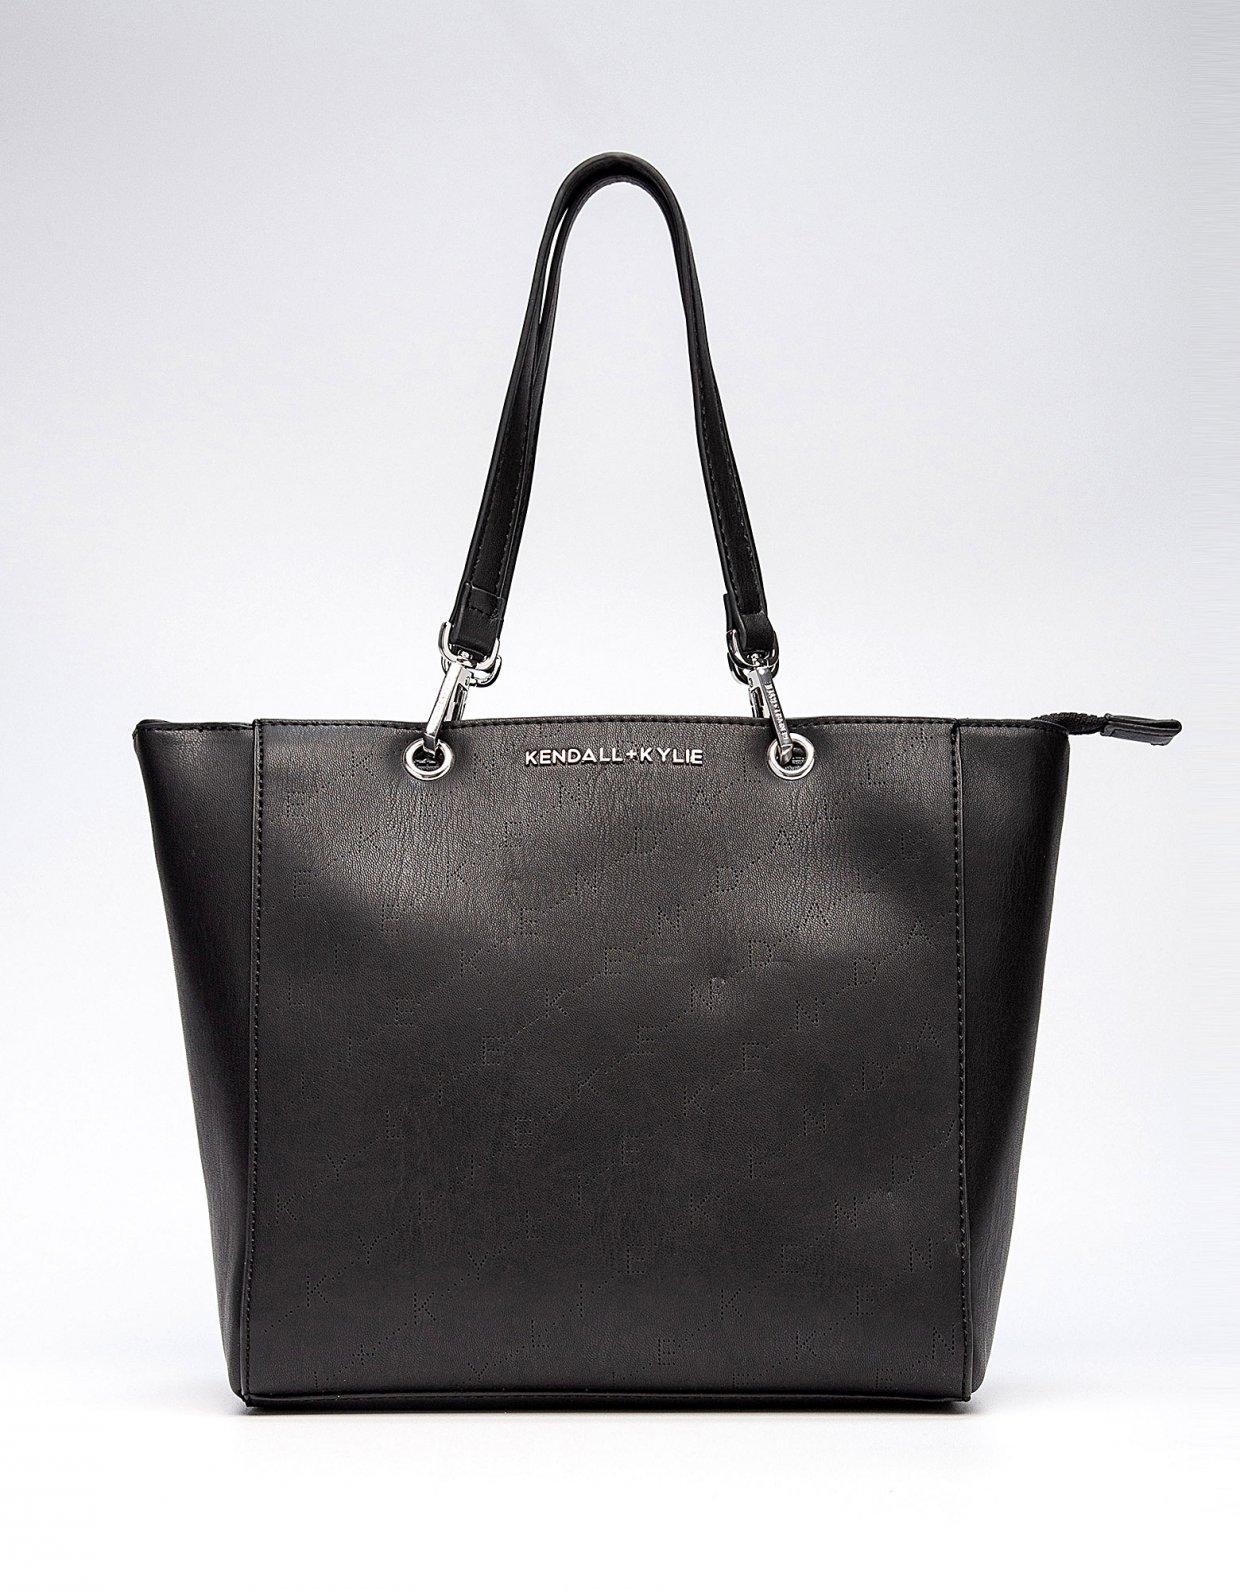 Kendall + Kylie Sarahya tote bag black